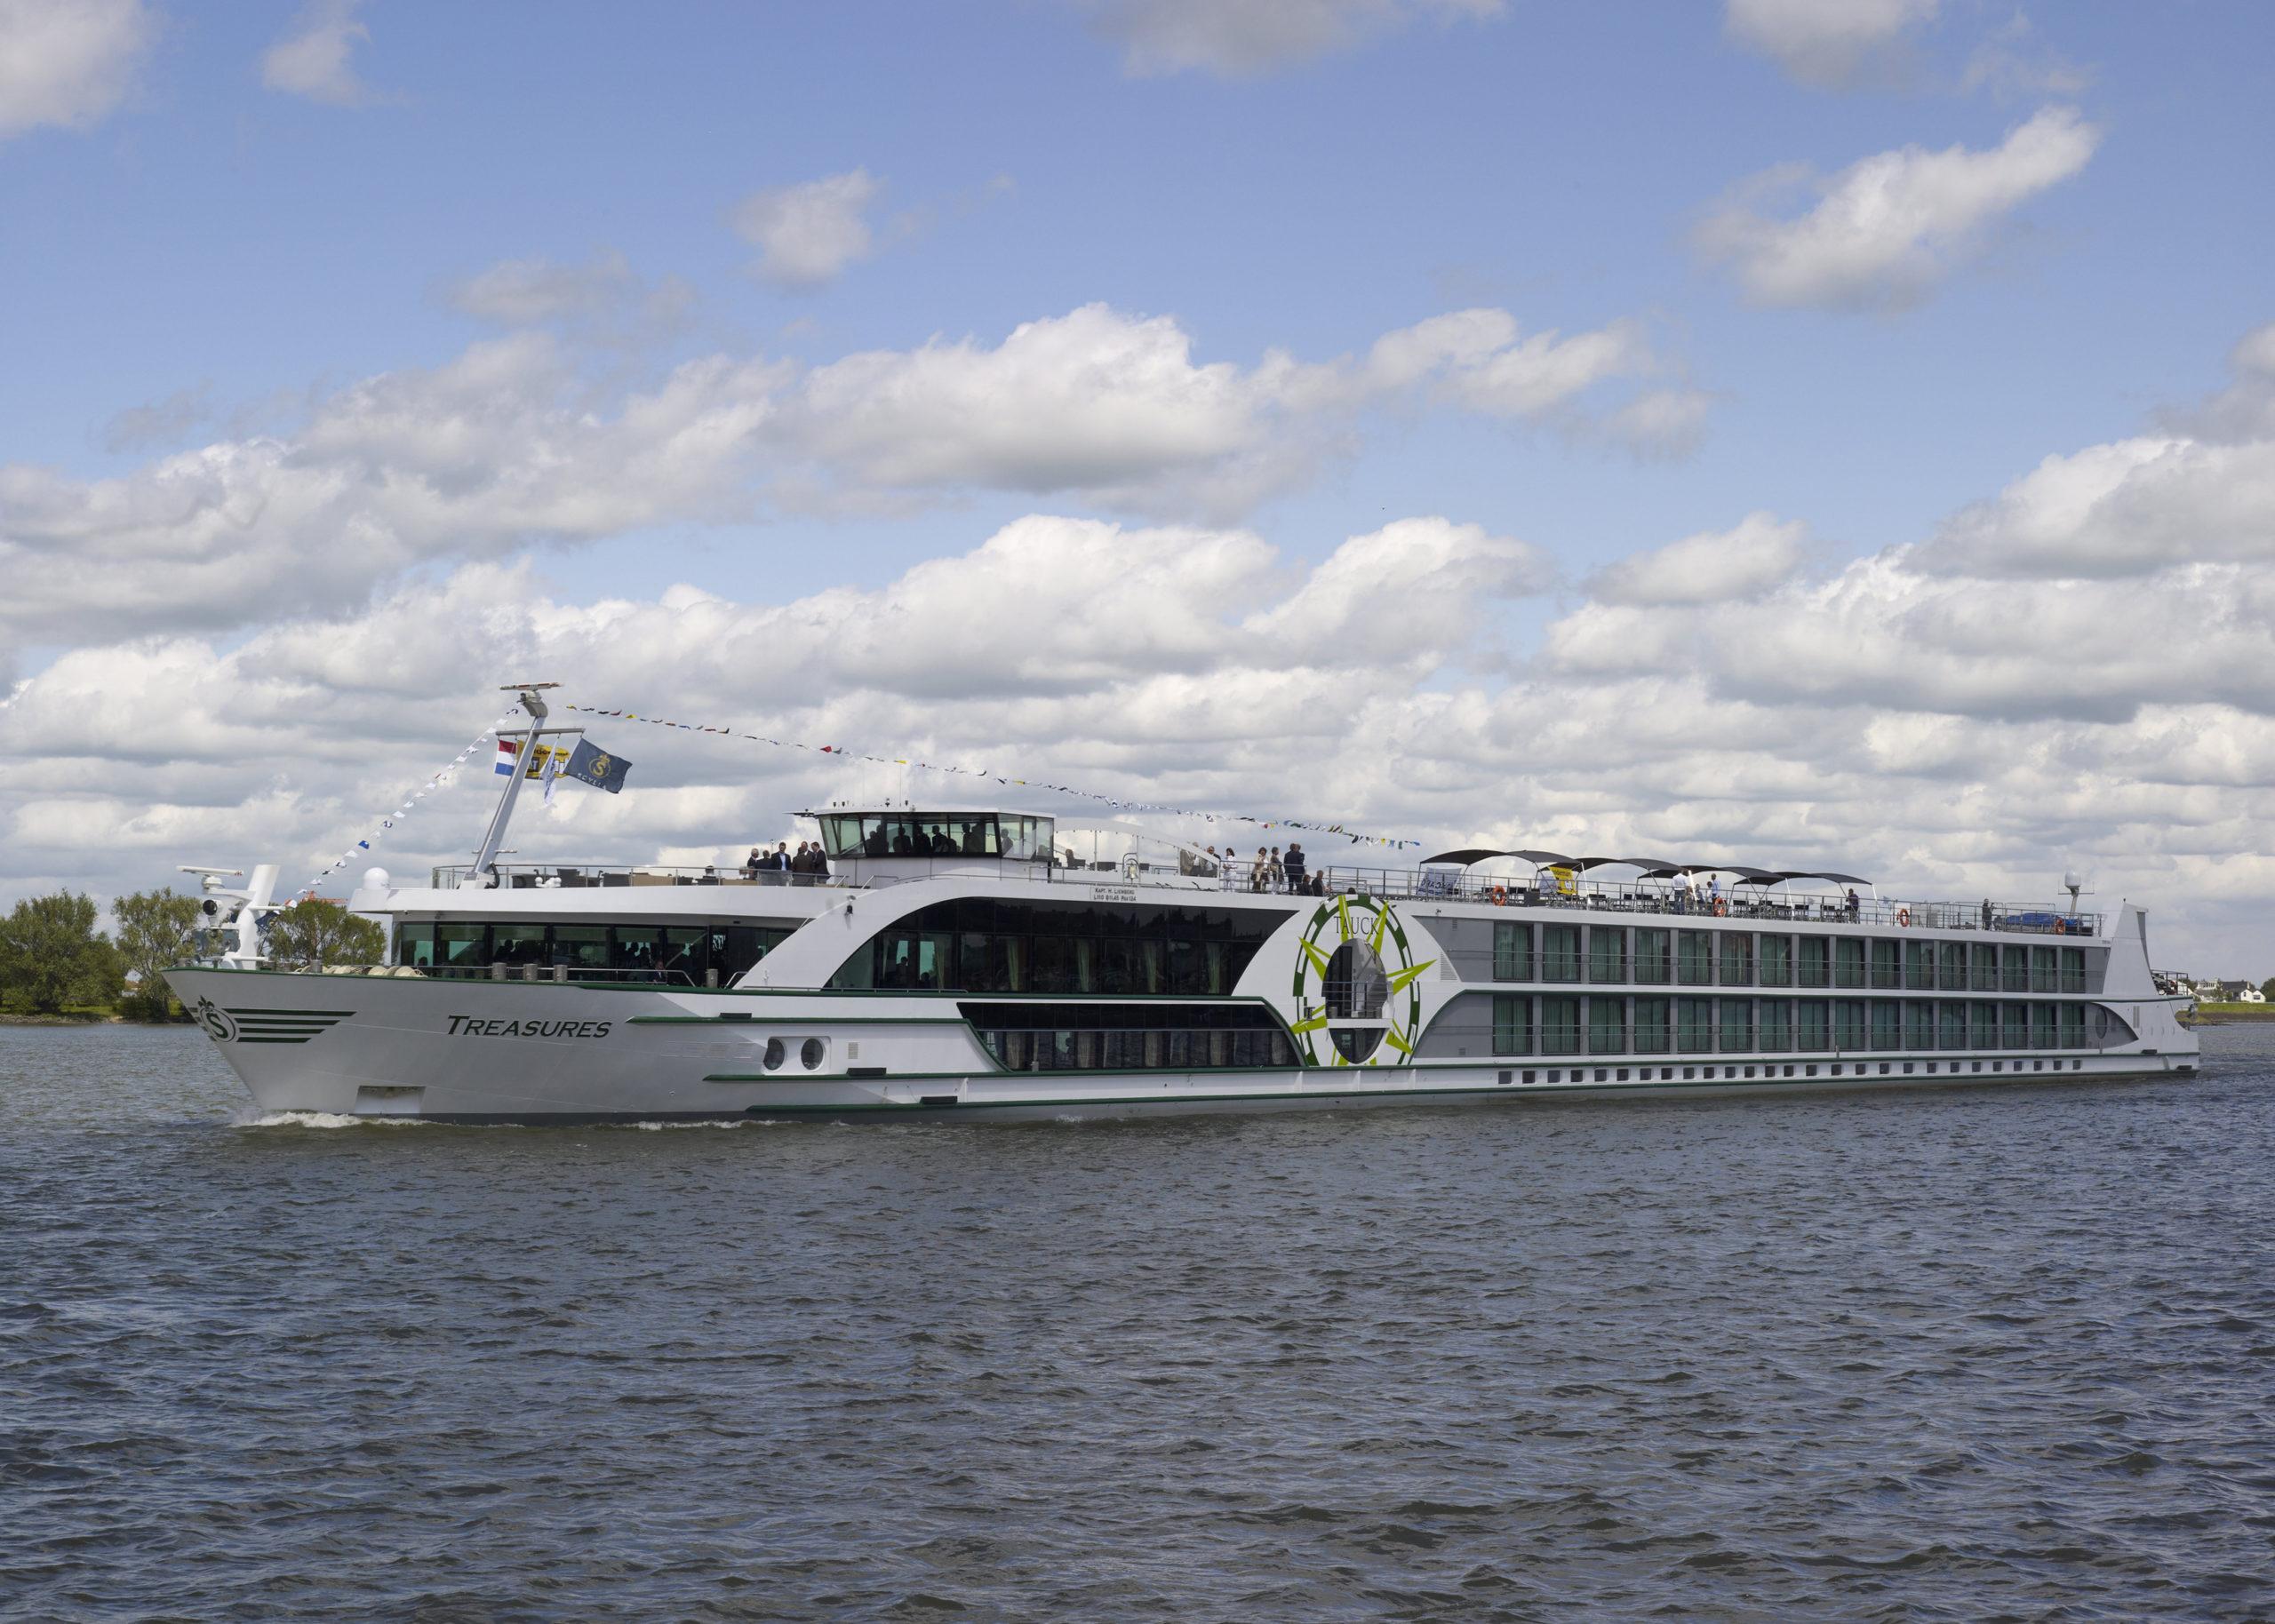 Gemeinsame Auktion von VIVA Cruises und e-hoi © VIVA Cruises